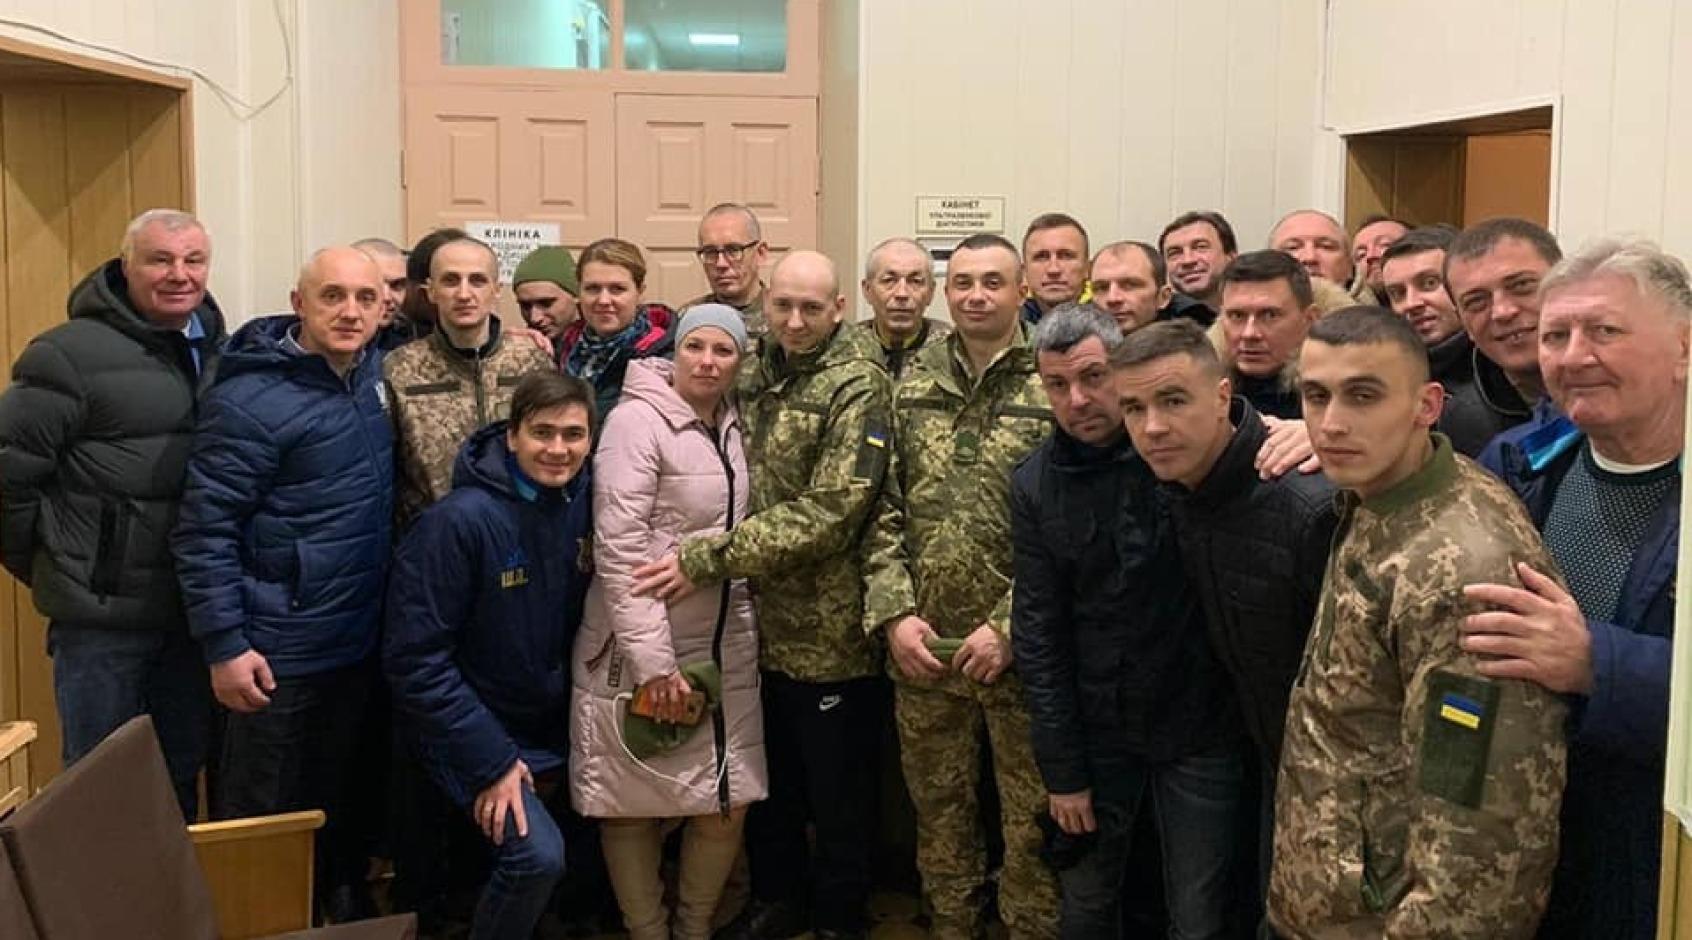 Збірна України серед ветеранів зустрілася зі звільненими полоненими (Фото)